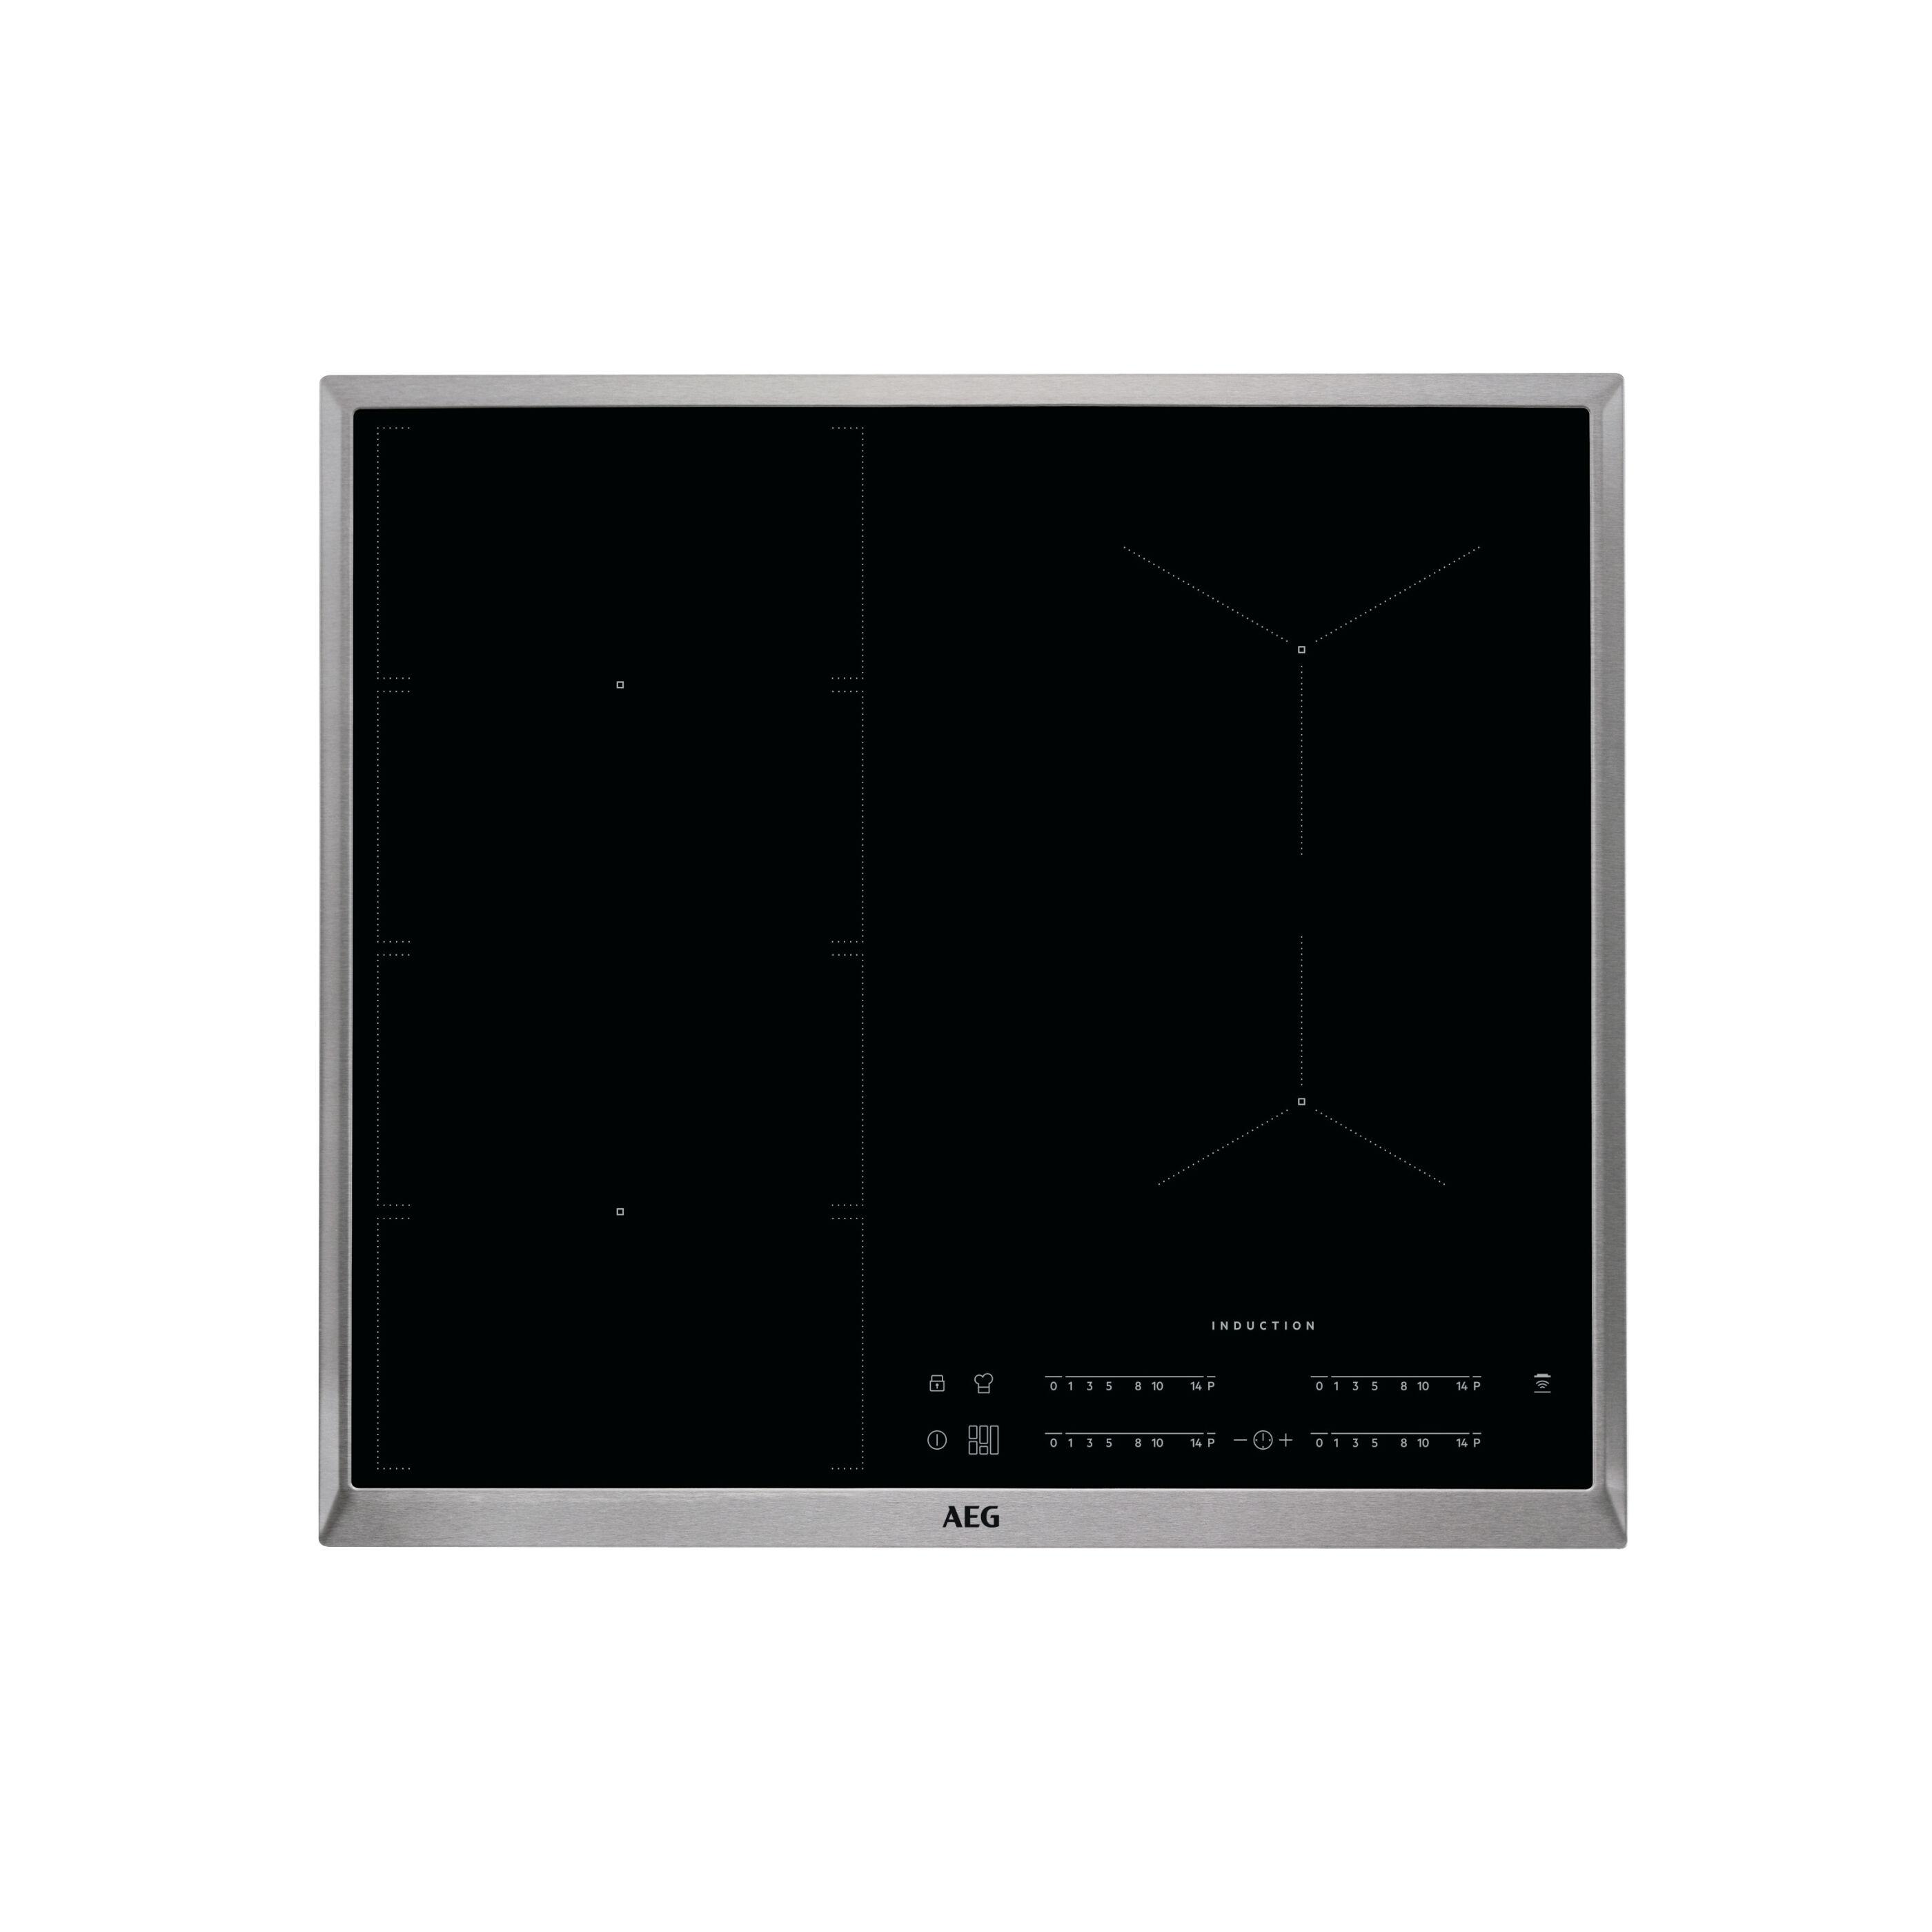 כיריים אינדוקציה AEG ike 64471 משטח גמיש מלא מסגרת נירוסטה